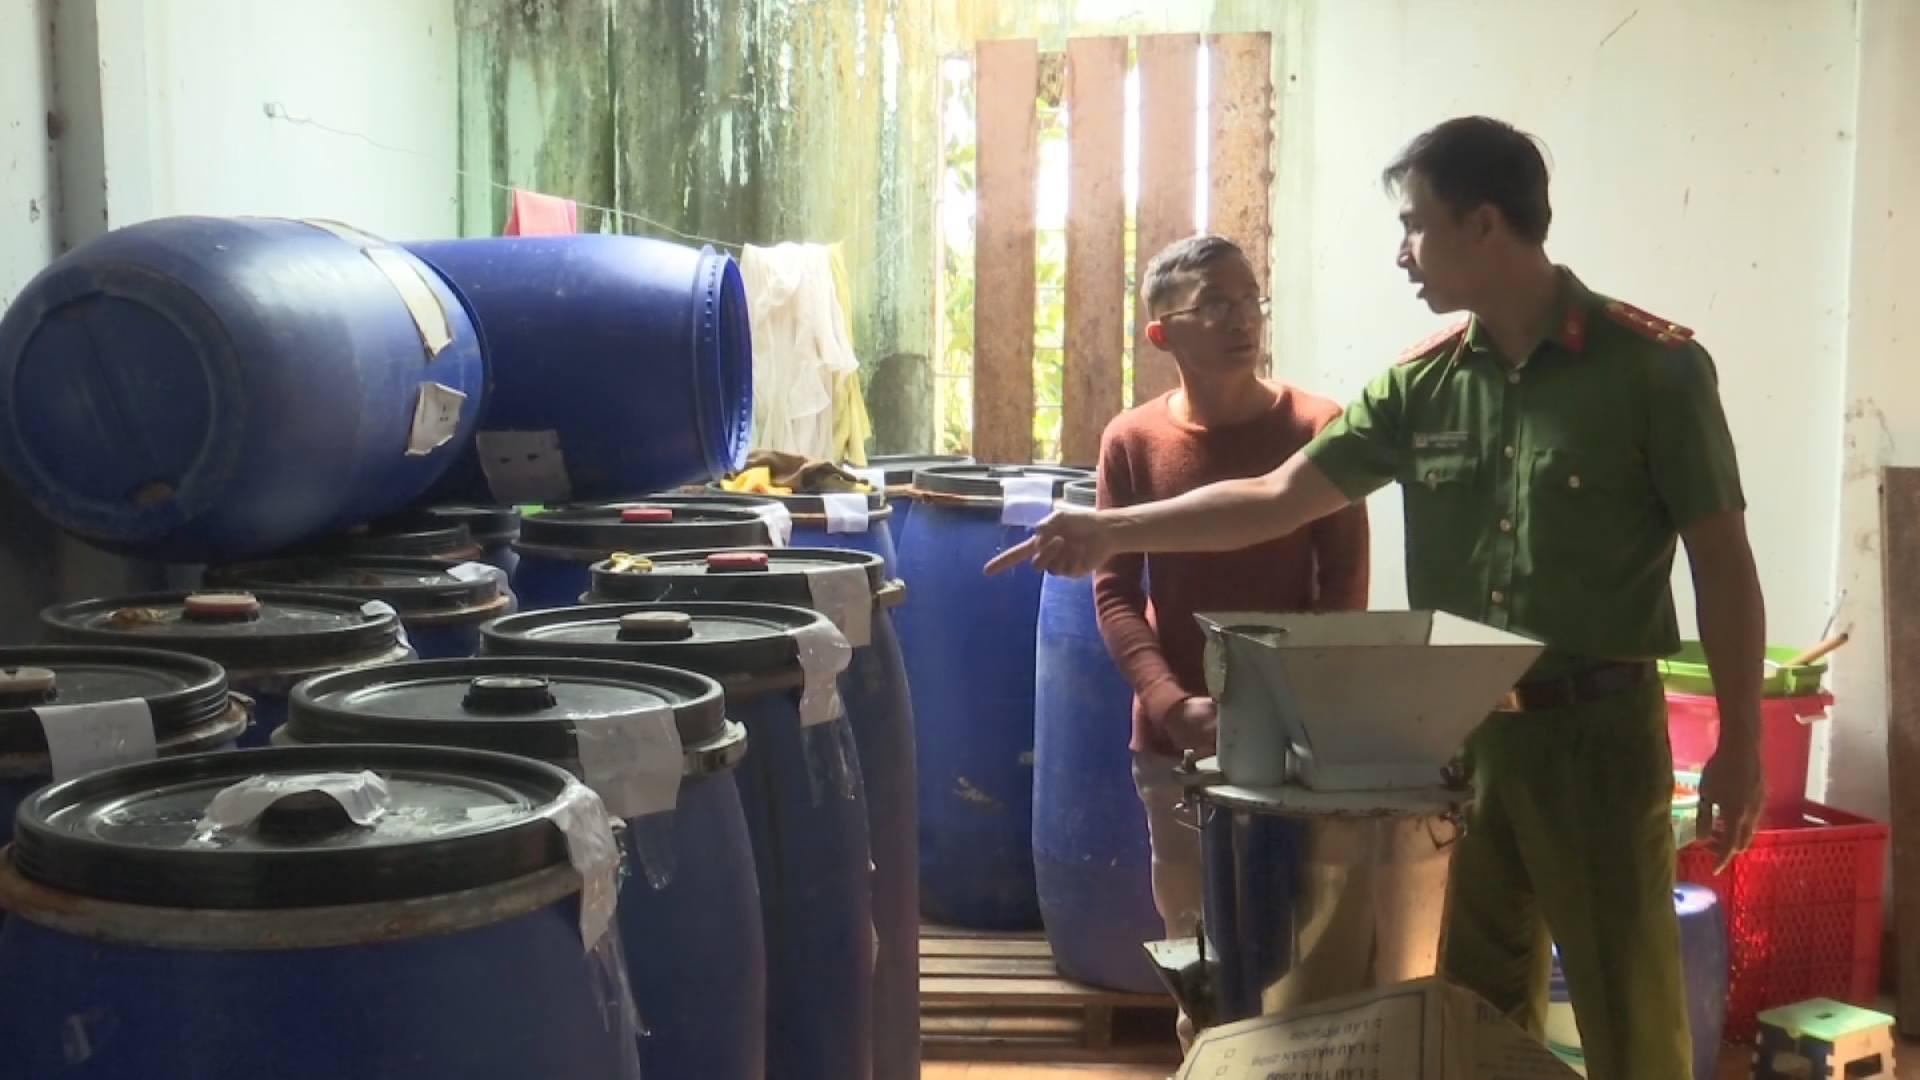 Phát hiện hàng trăm lít ớt xay và phụ gia hết hạn tại cơ sở chế biến thực phẩm - Ảnh 1.